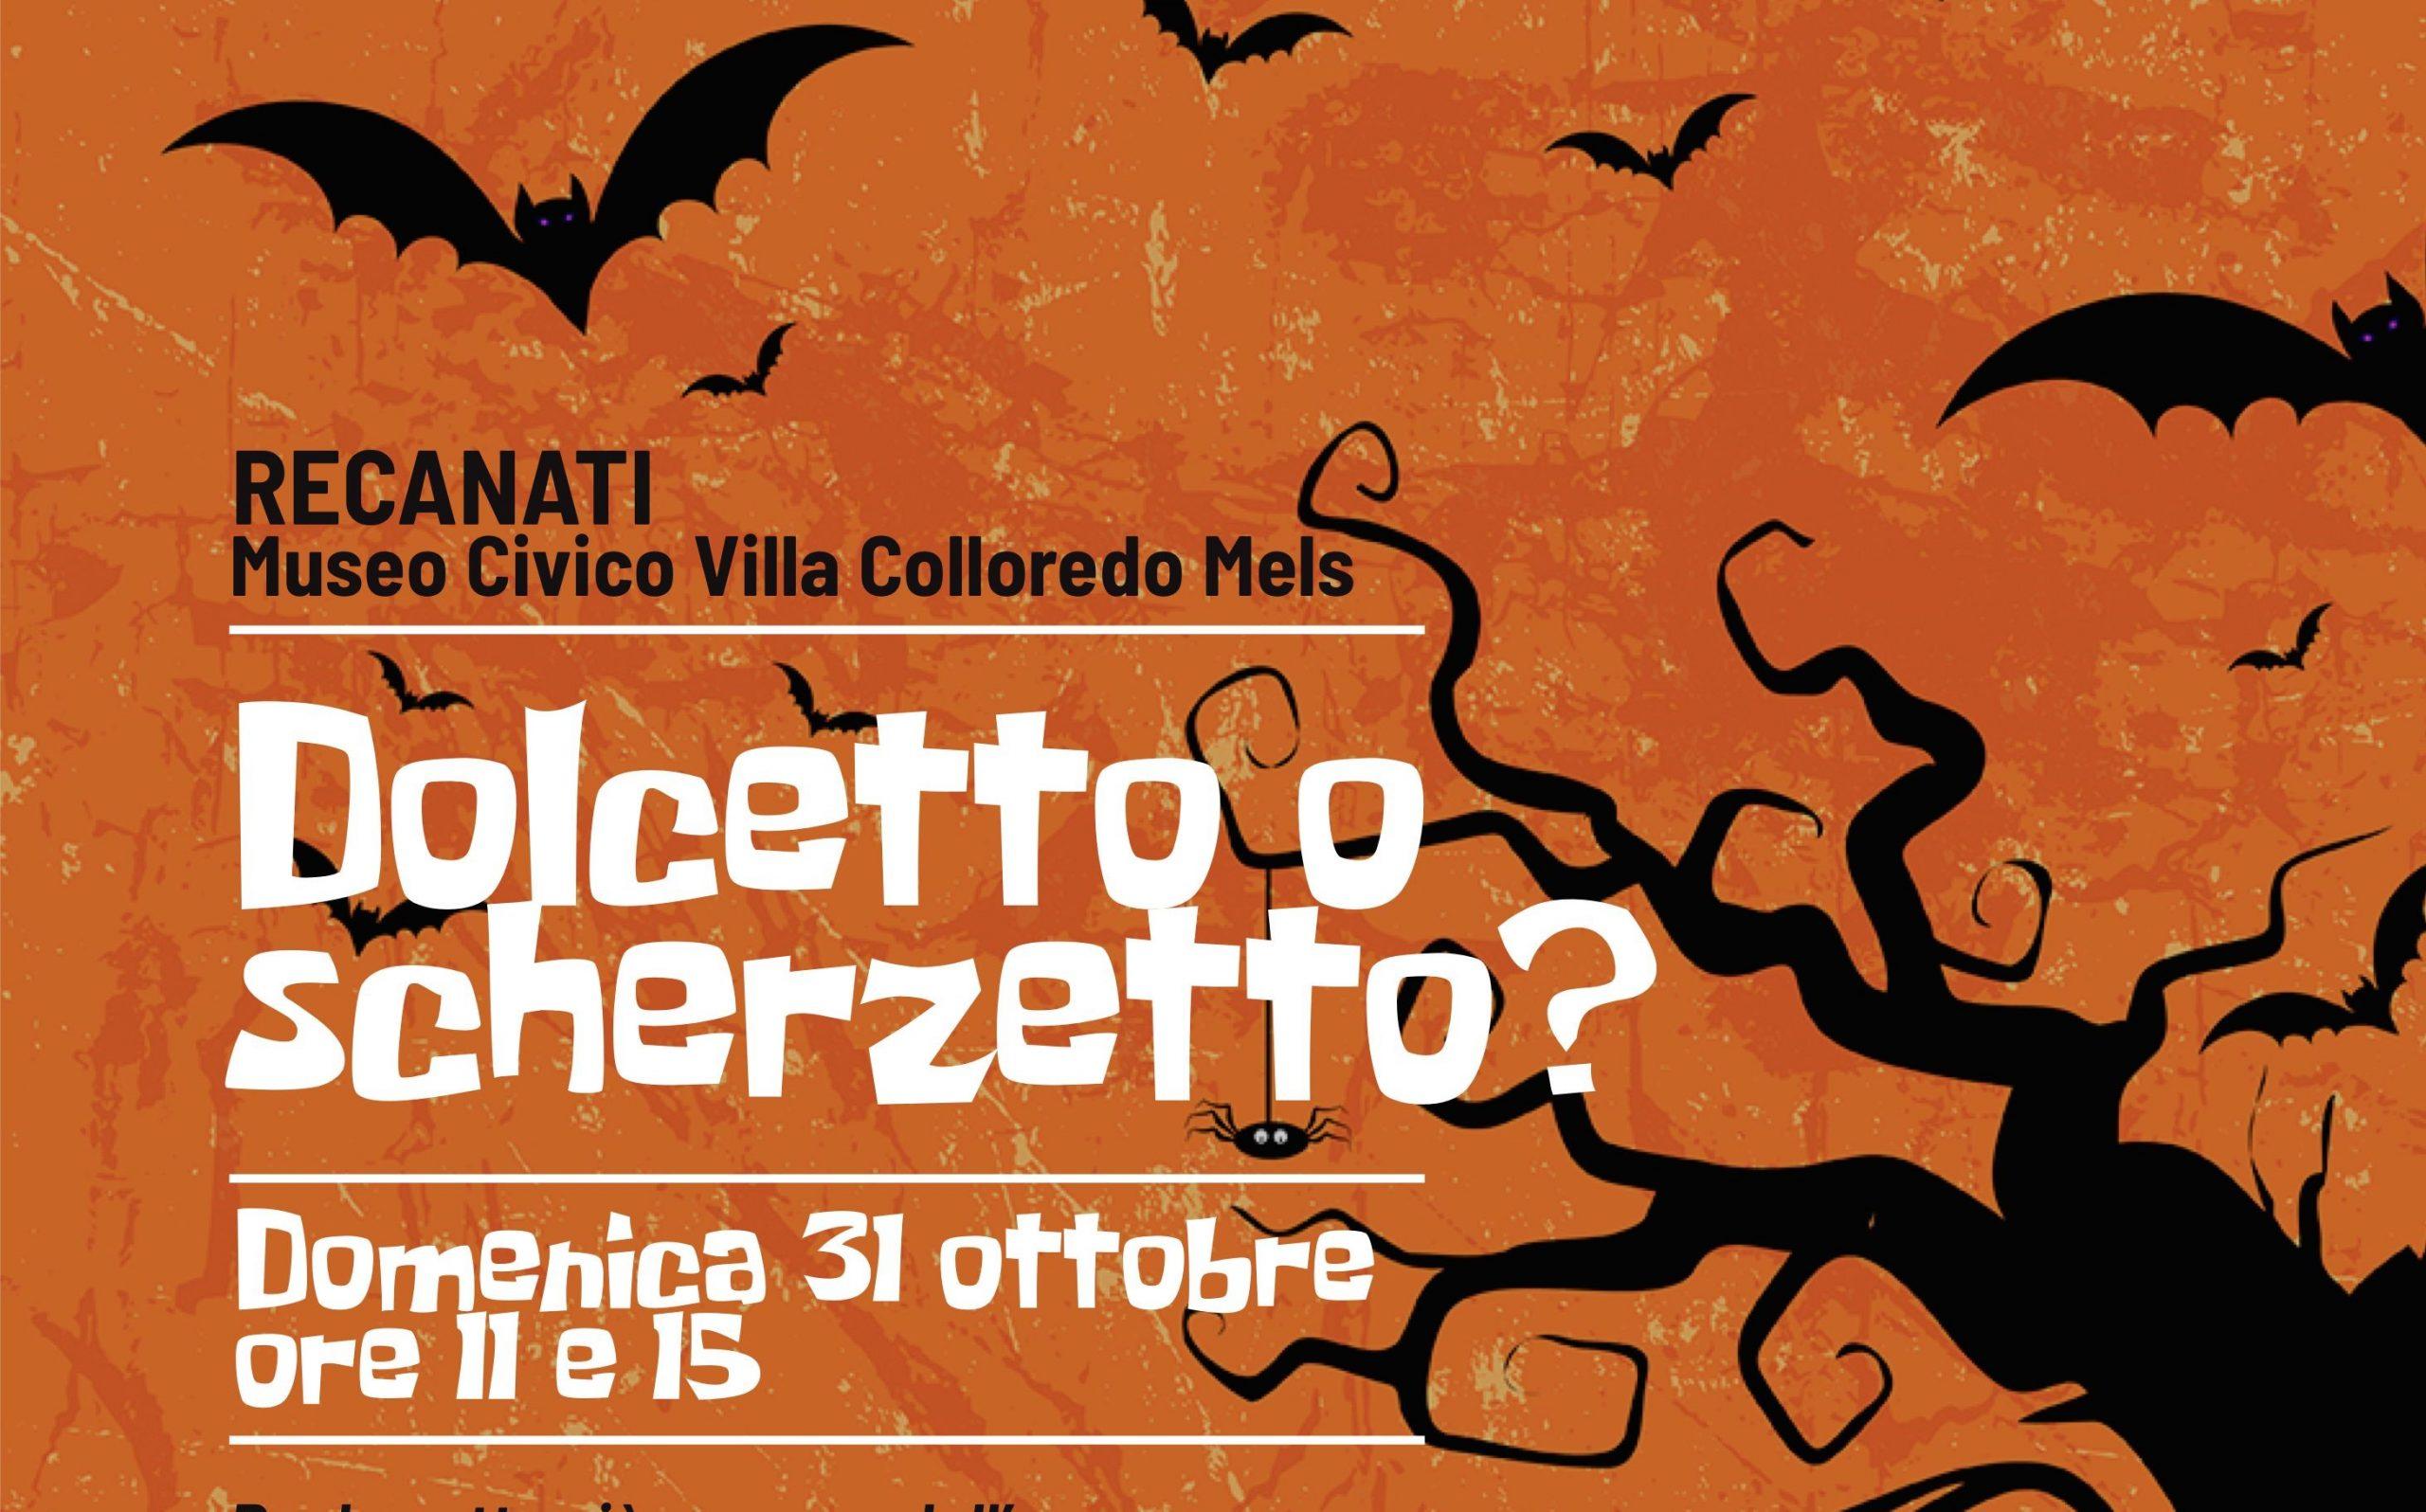 Domenica 31 ottobre &quote;dolcetto o scherzetto?&quote; al Museo Civico di Villa Colloredo Mels